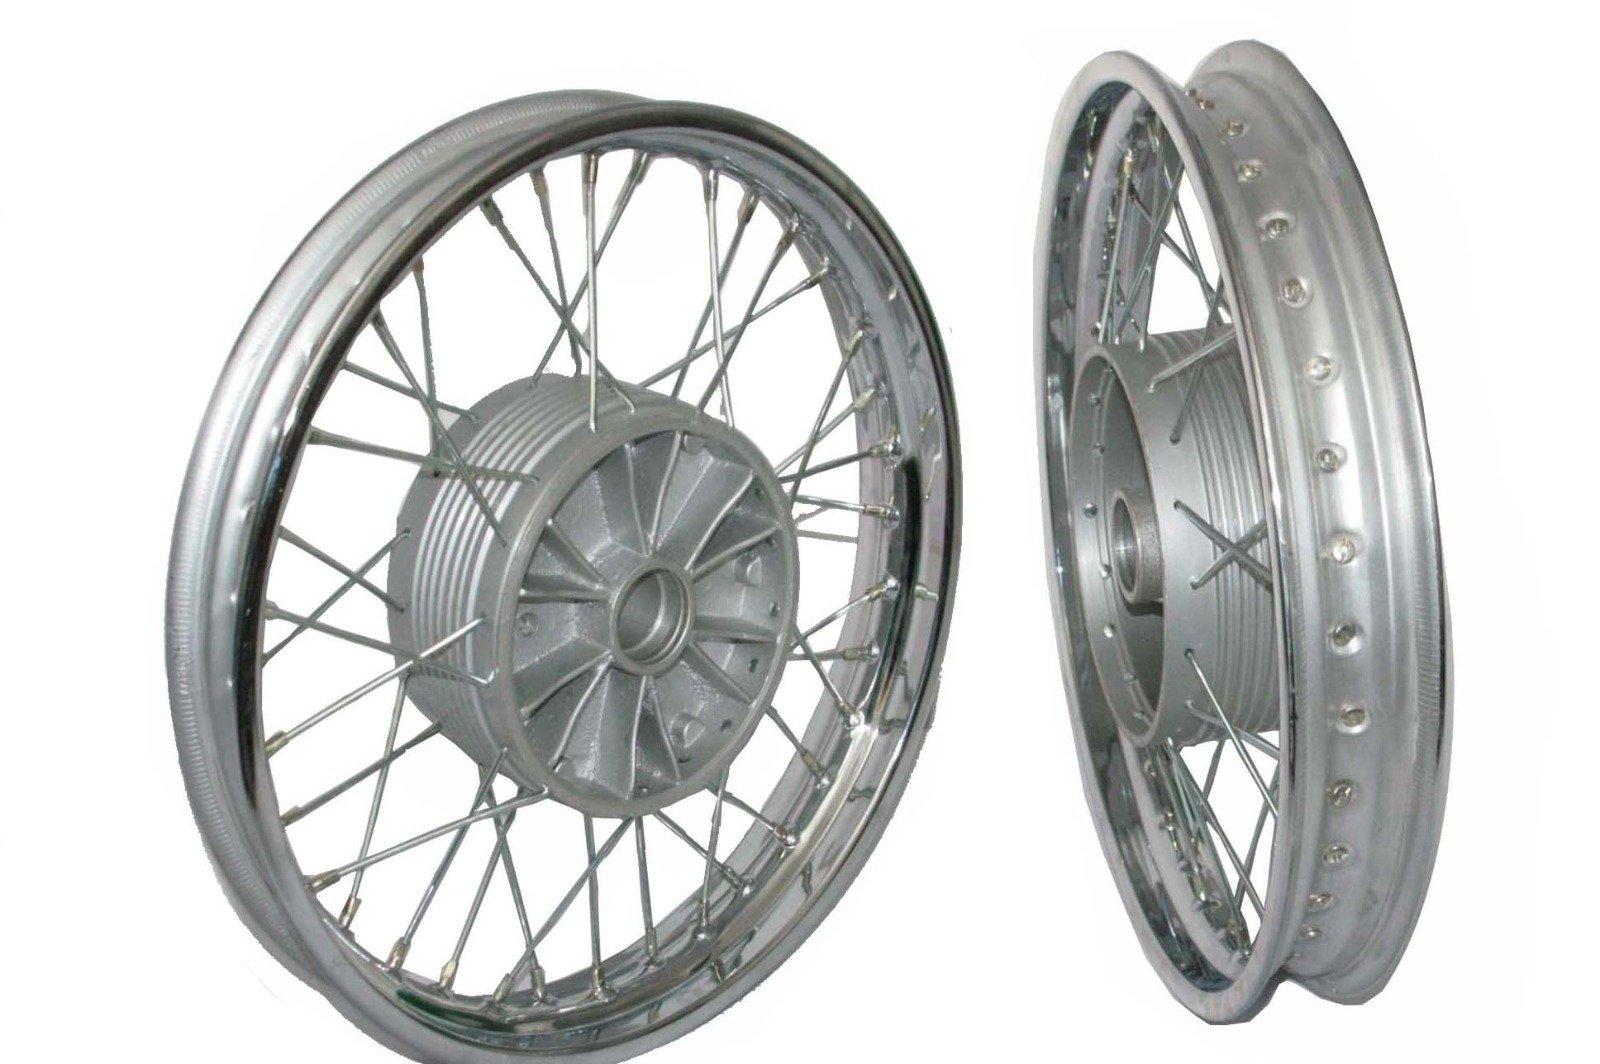 Enfield County Chrome Plate Front Rear 16'' Wm2 Jawa 250 350 Cw 36 Hole Wheel Rim + Spoke